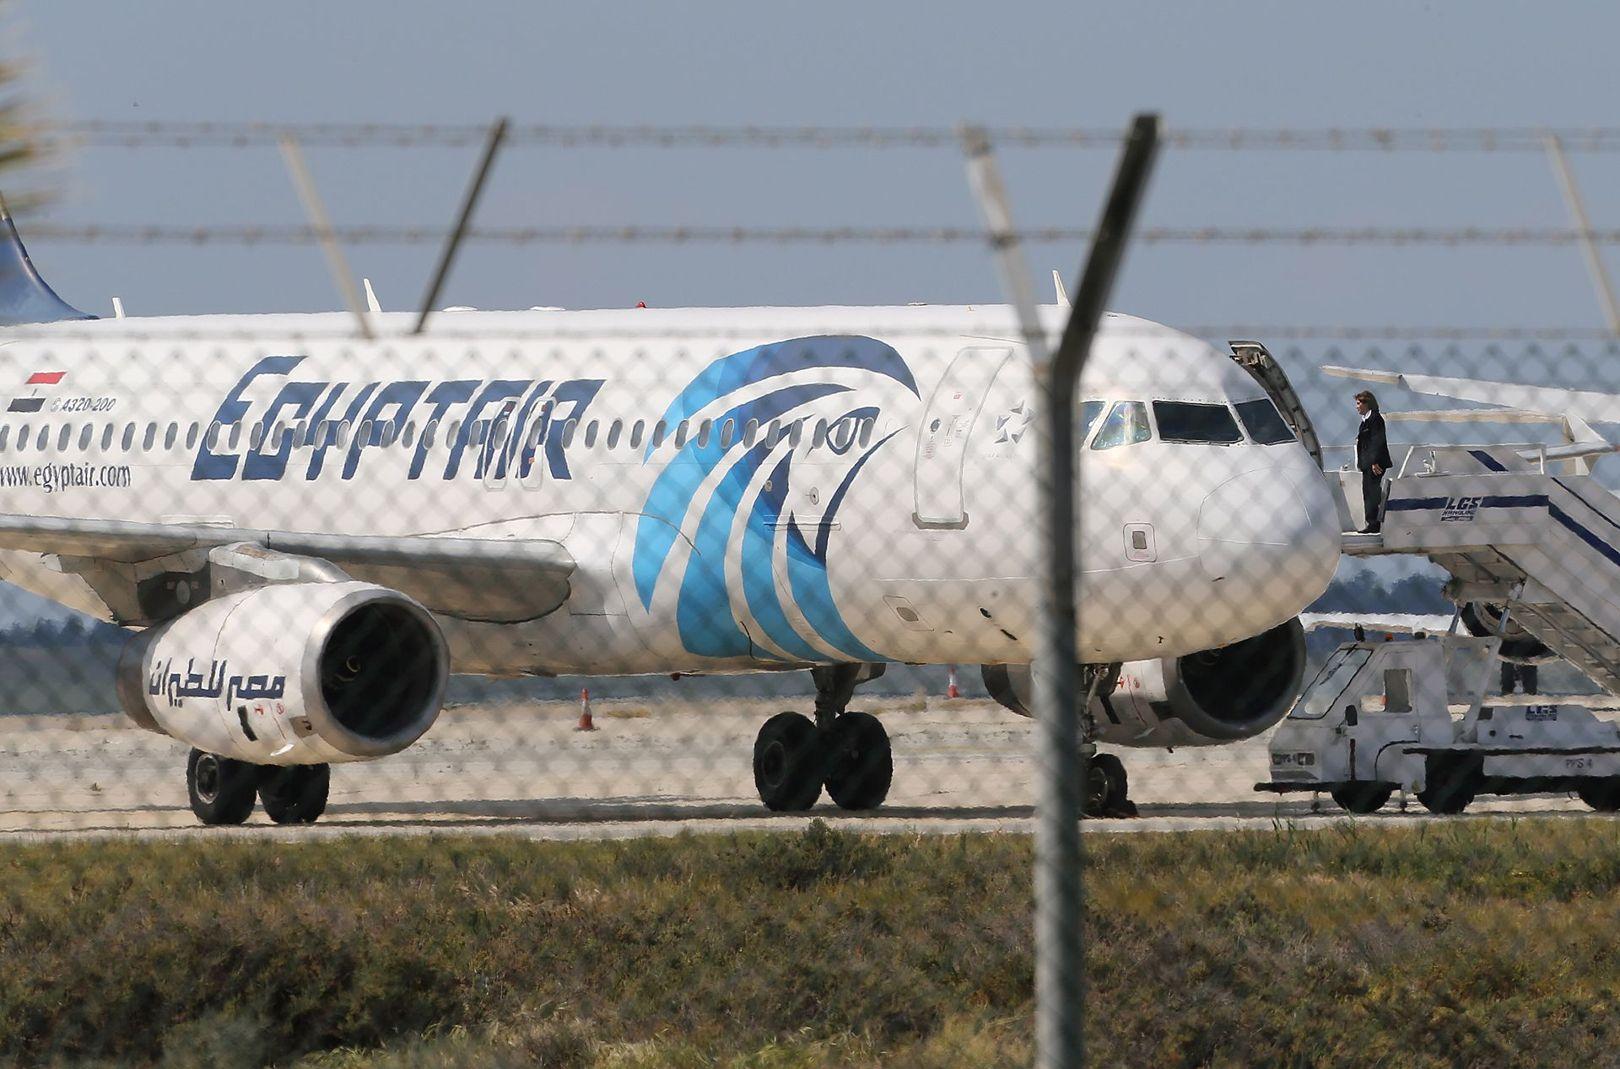 Seorang pria bajak pesawat Egypt Air demi kirim surat ke mantan istri